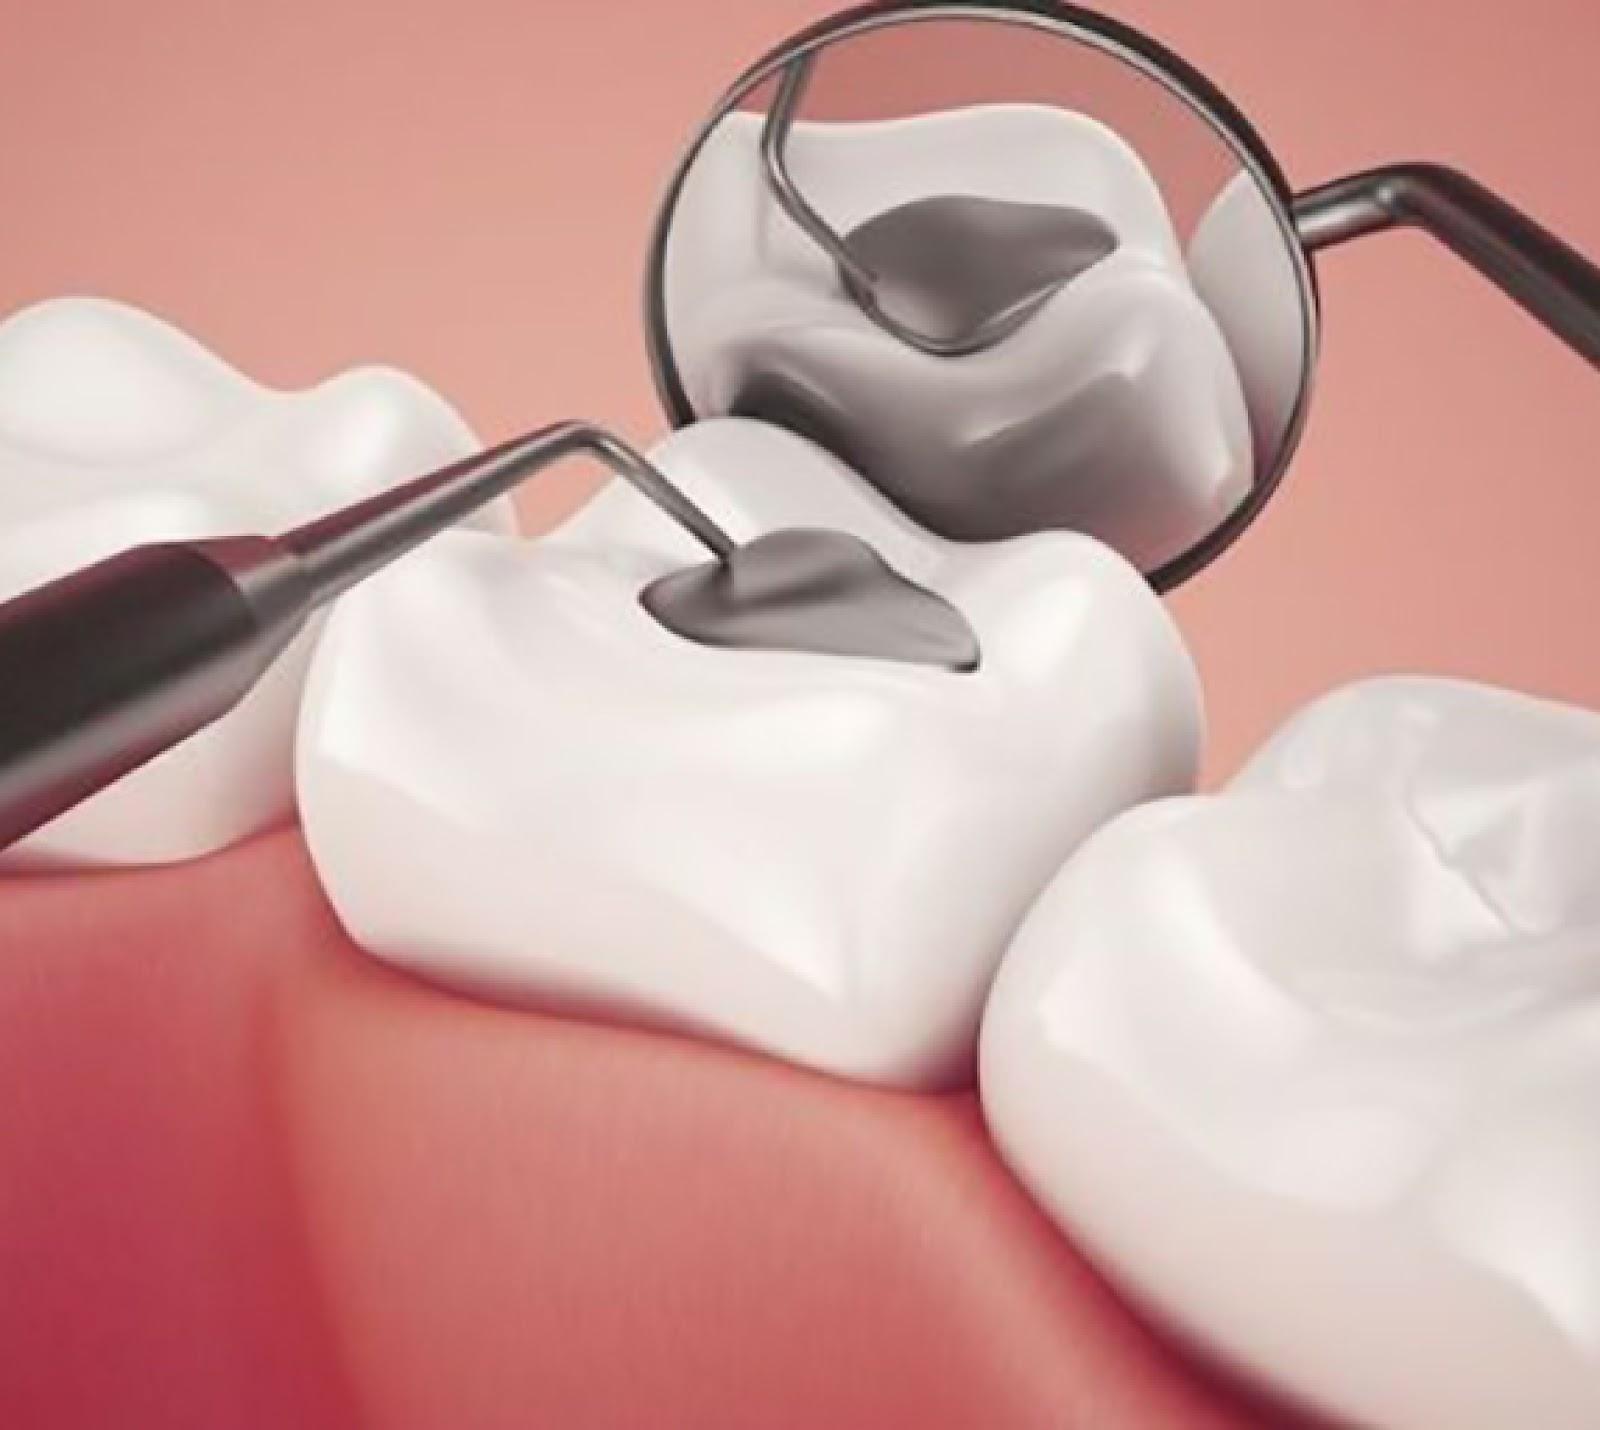 Hàn răng cửa bị mẻ bằng vật liệu gì tốt nhất năm 2018?